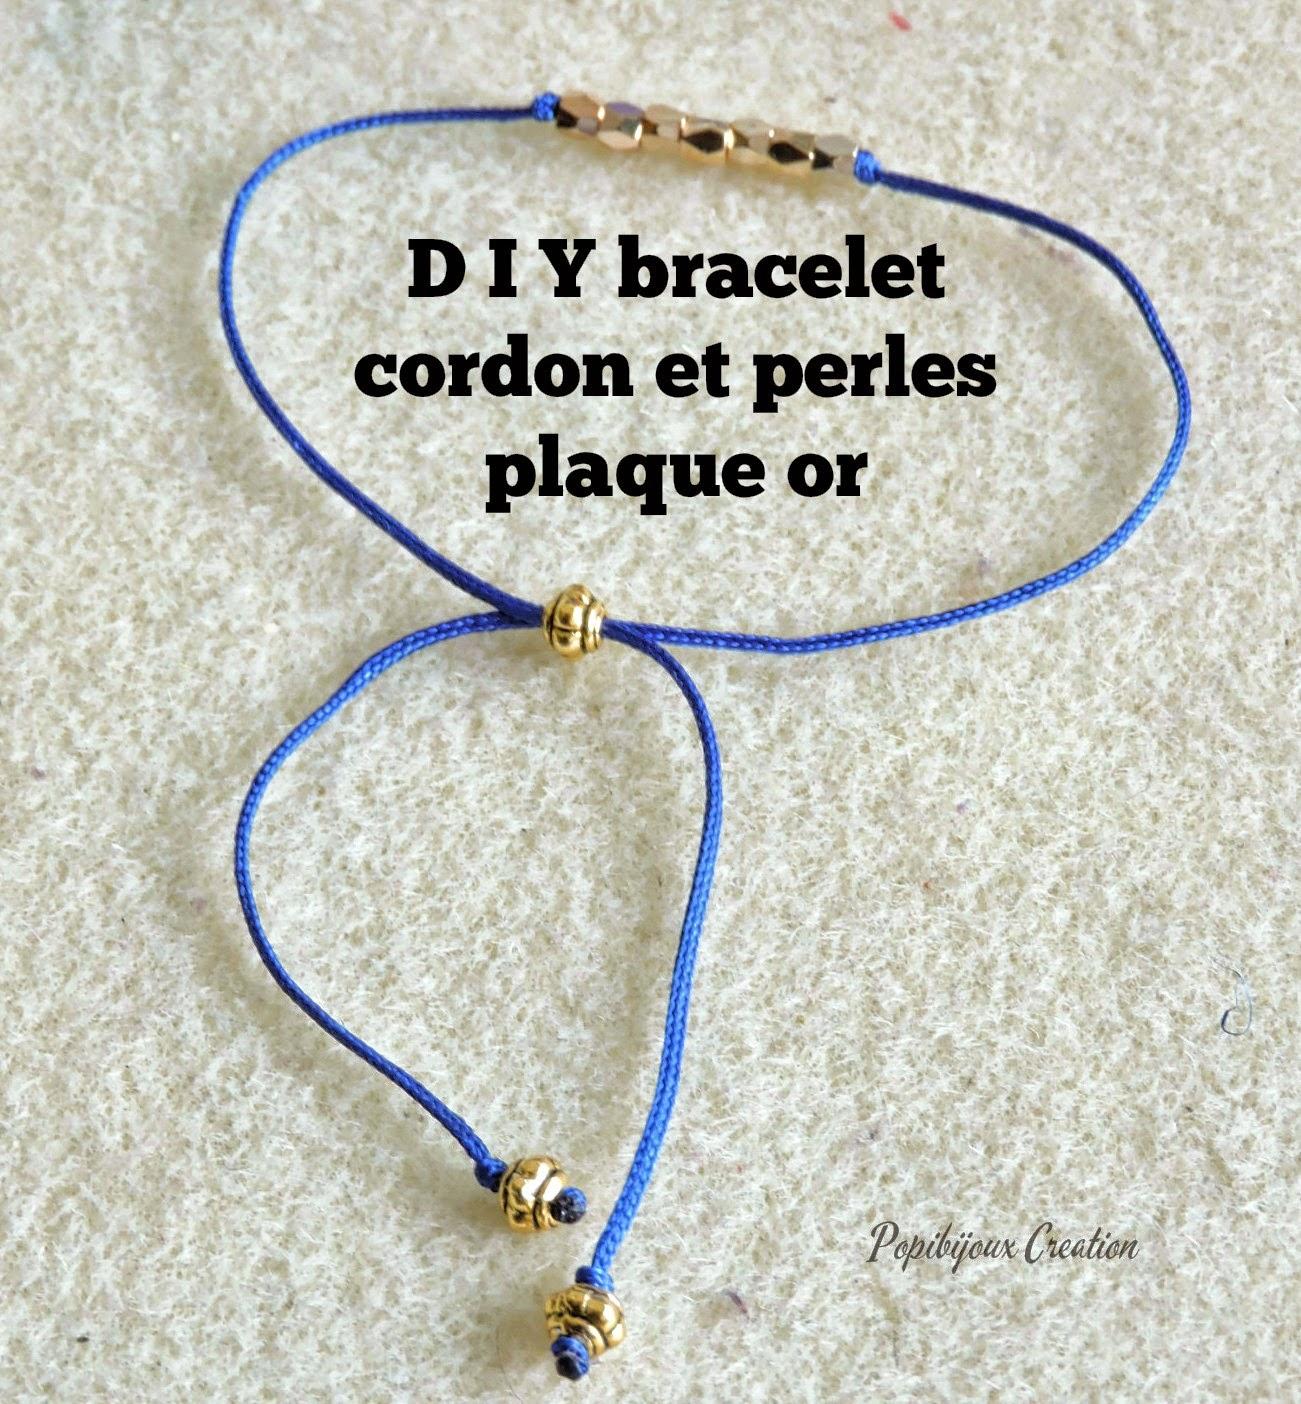 les creations de popibijoux d i y bracelet cordon et petites perles en plaque or. Black Bedroom Furniture Sets. Home Design Ideas